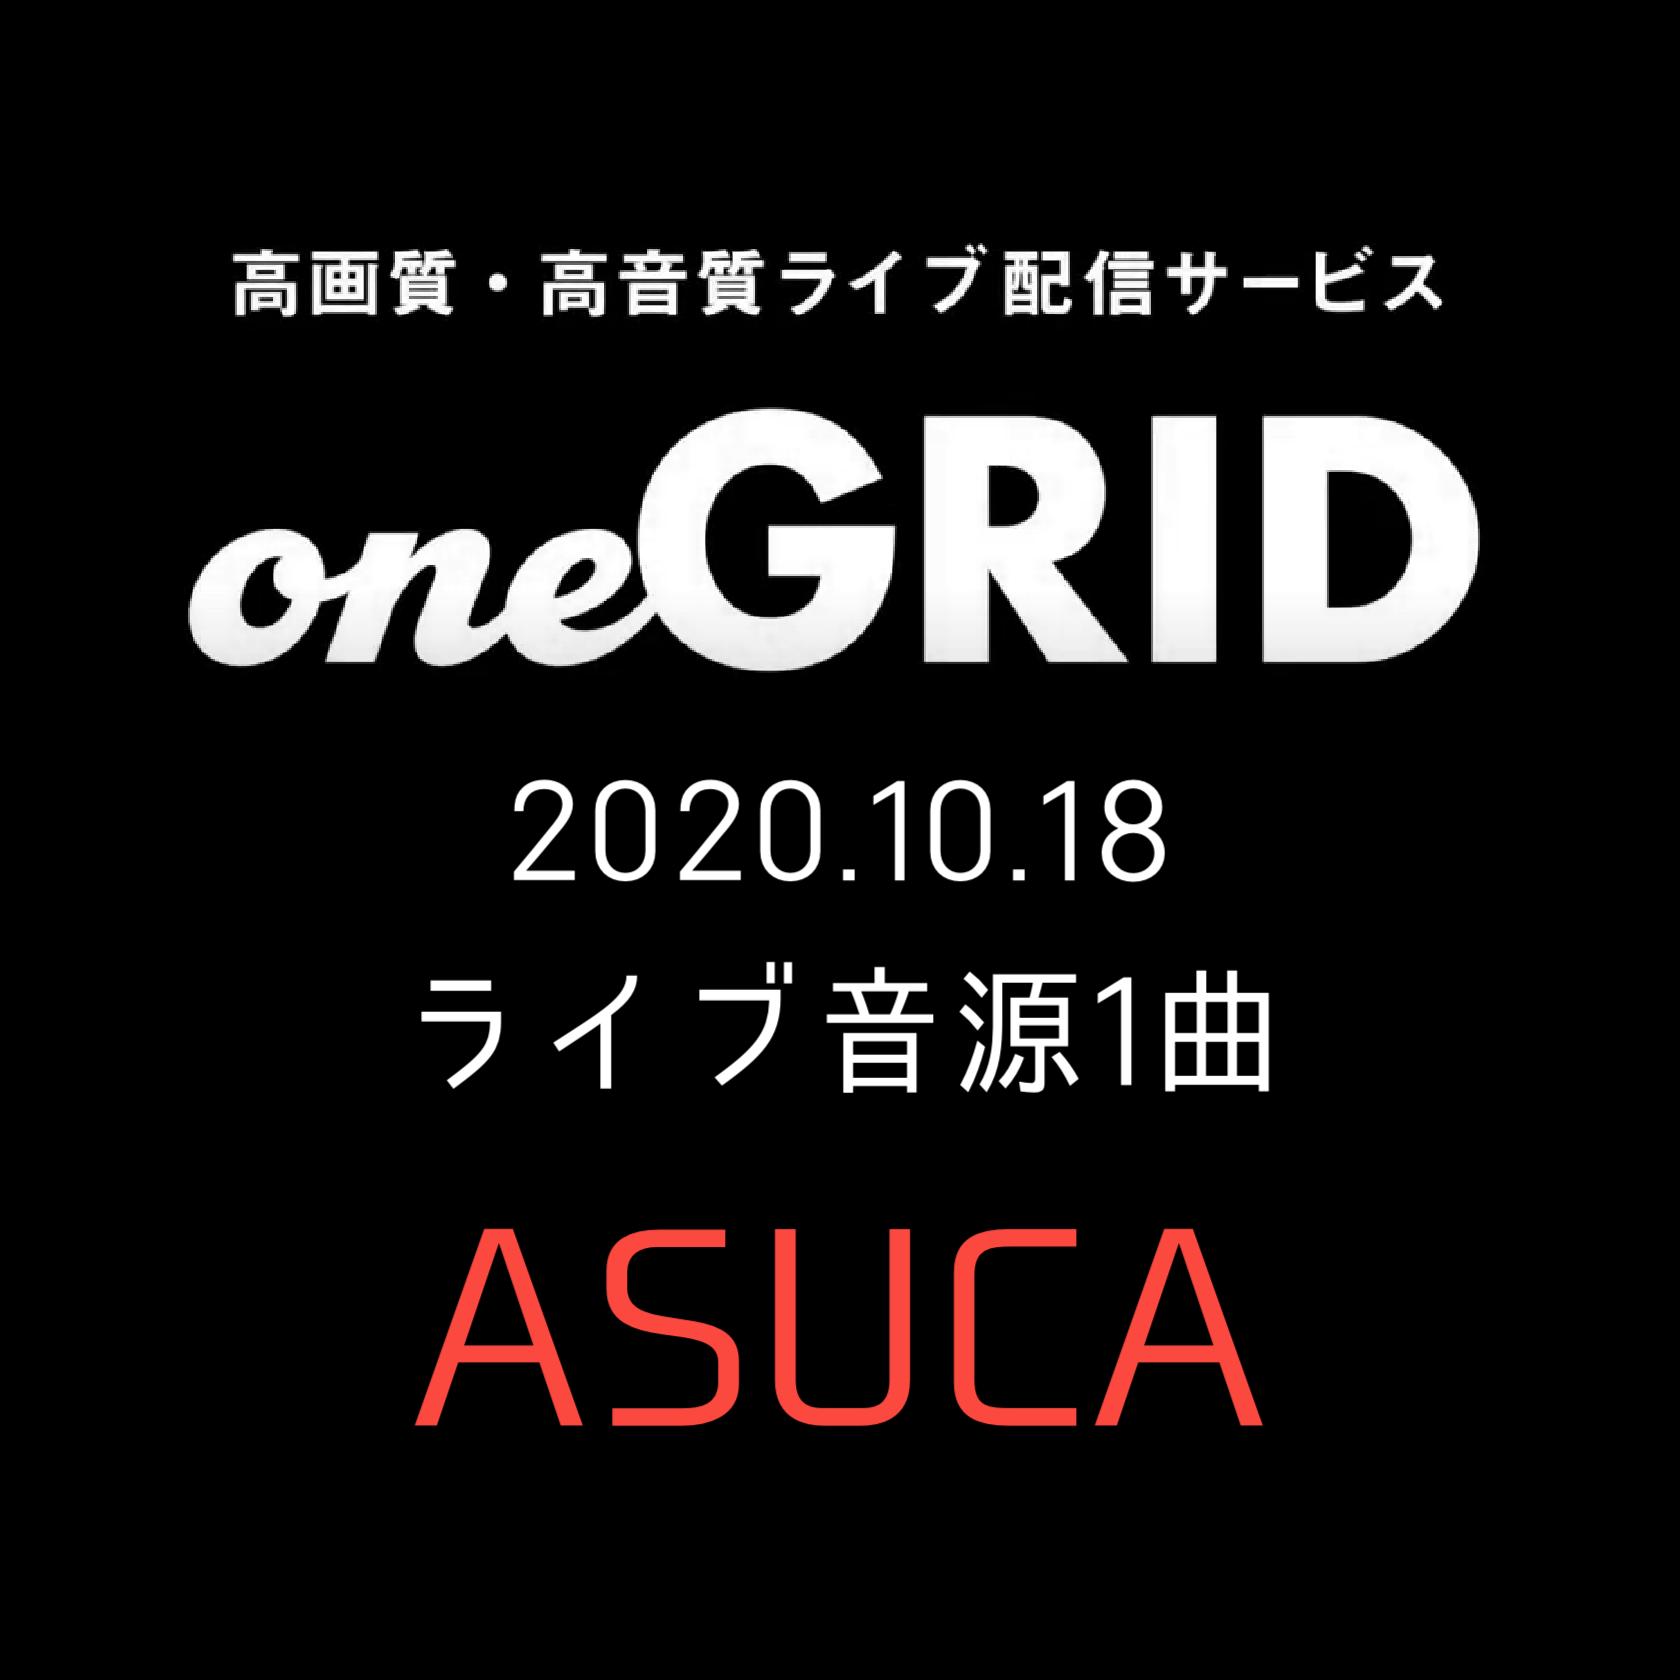 10/18 ASUCA ライブ音源